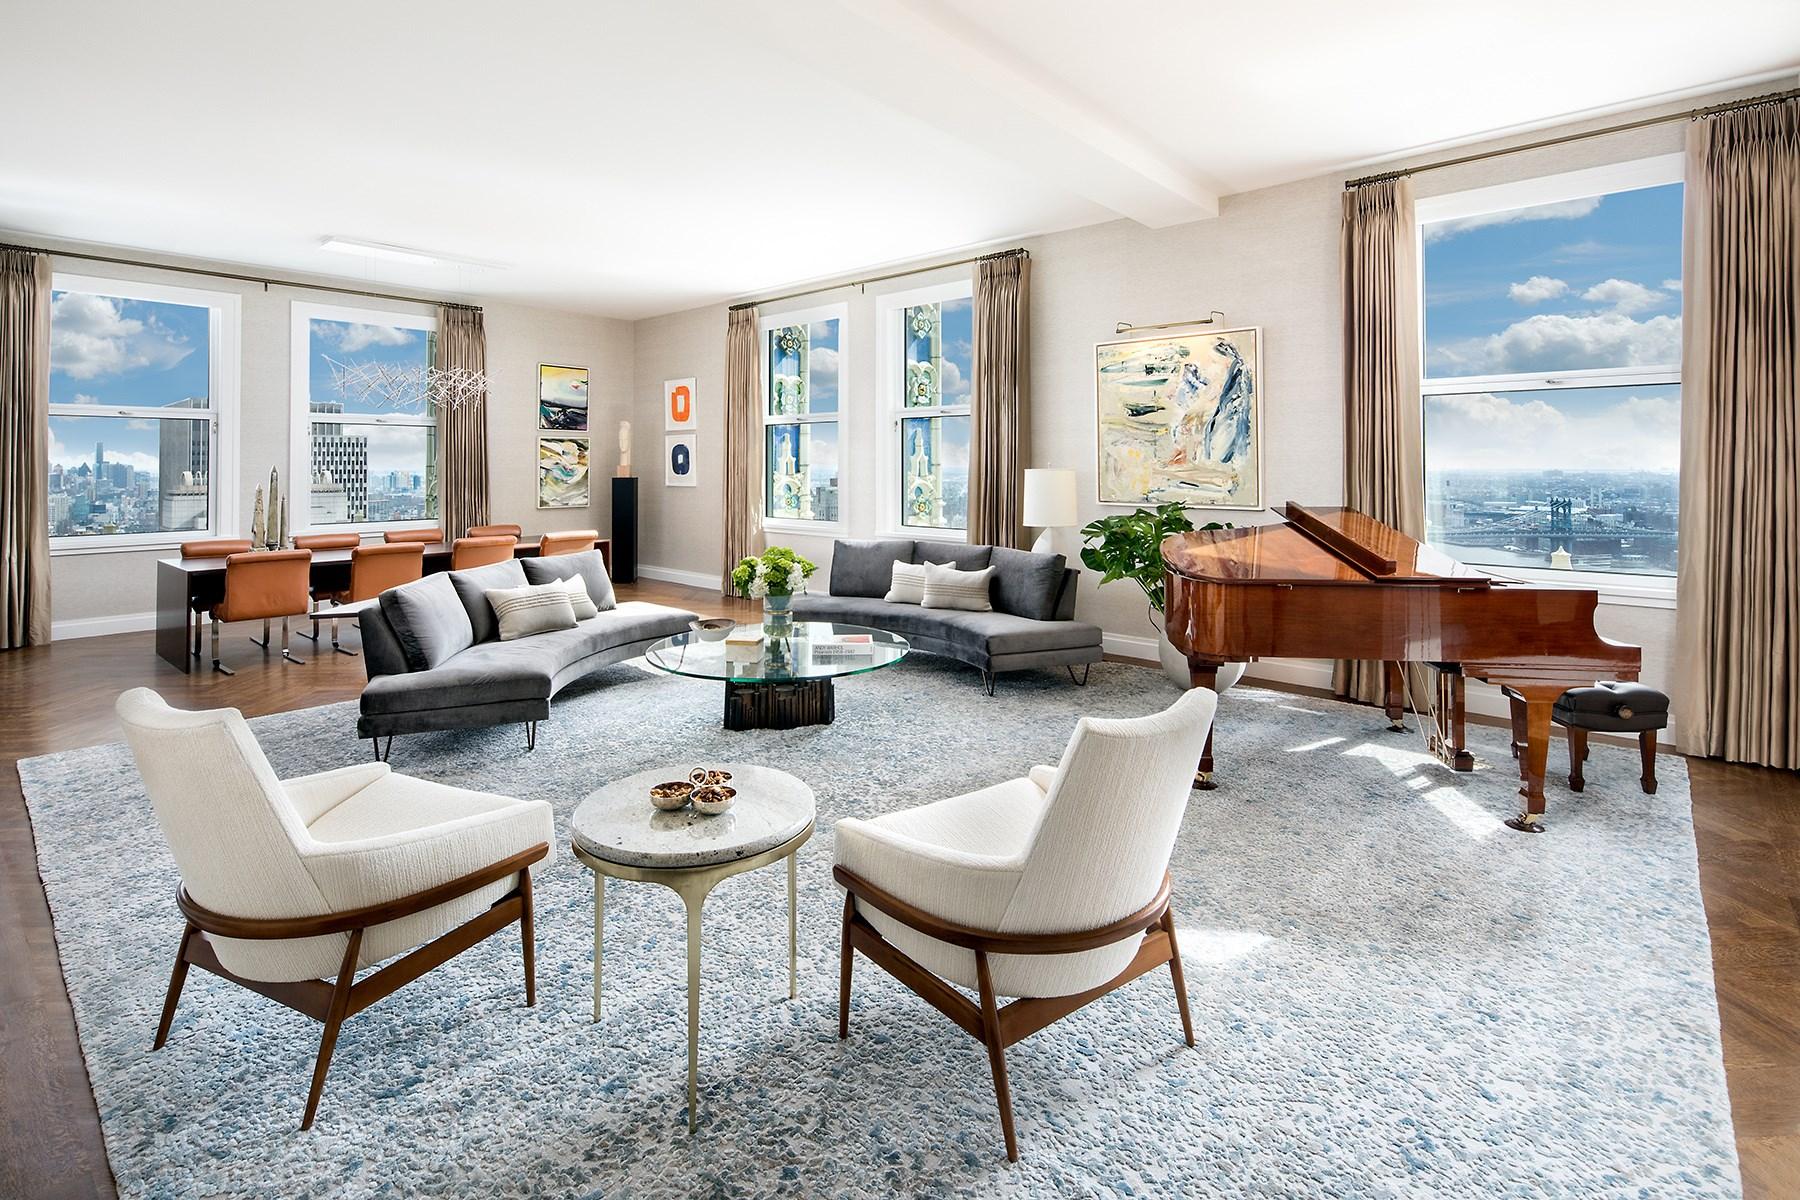 Copropriété pour l Vente à The Woolworth Tower Residences - 32A 2 Park Place Apt 32A Tribeca, New York, New York, 10007 États-Unis